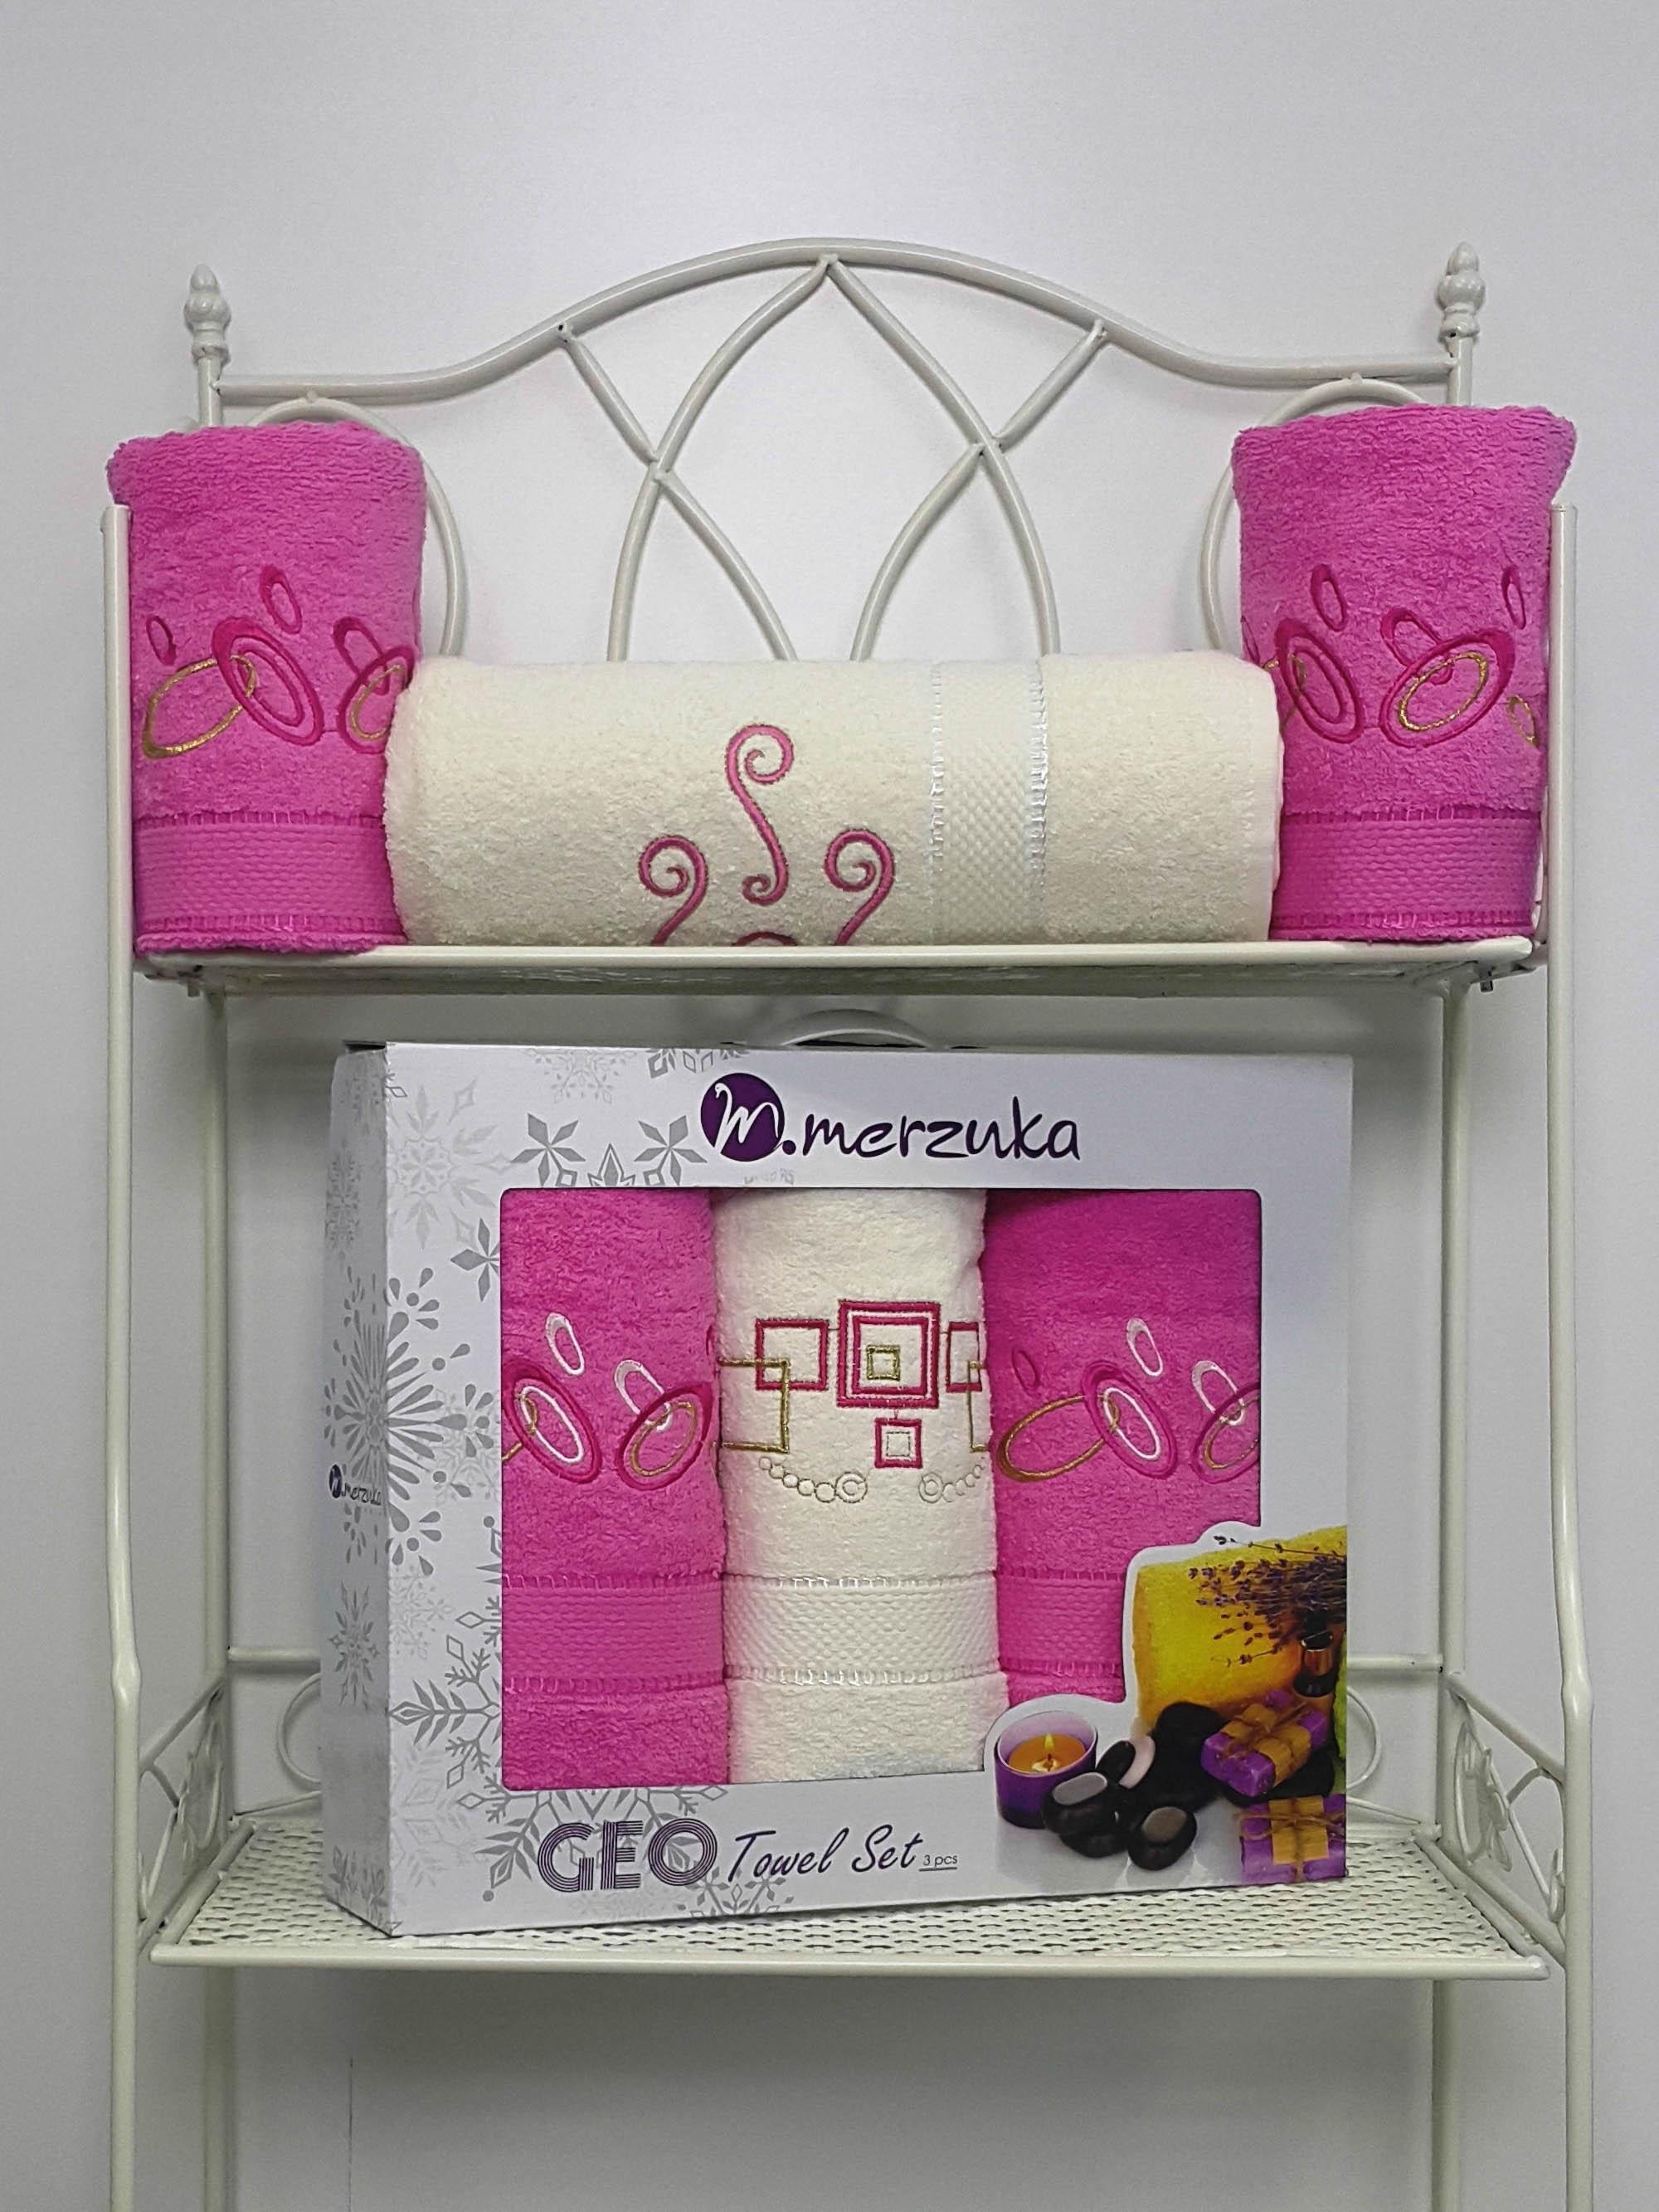 Полотенца Oran Merzuka Полотенце Geо Цвет: Розовый (Набор) набор из 3 полотенец merzuka sakura 50х90 2 70х140 8432 оранжевый